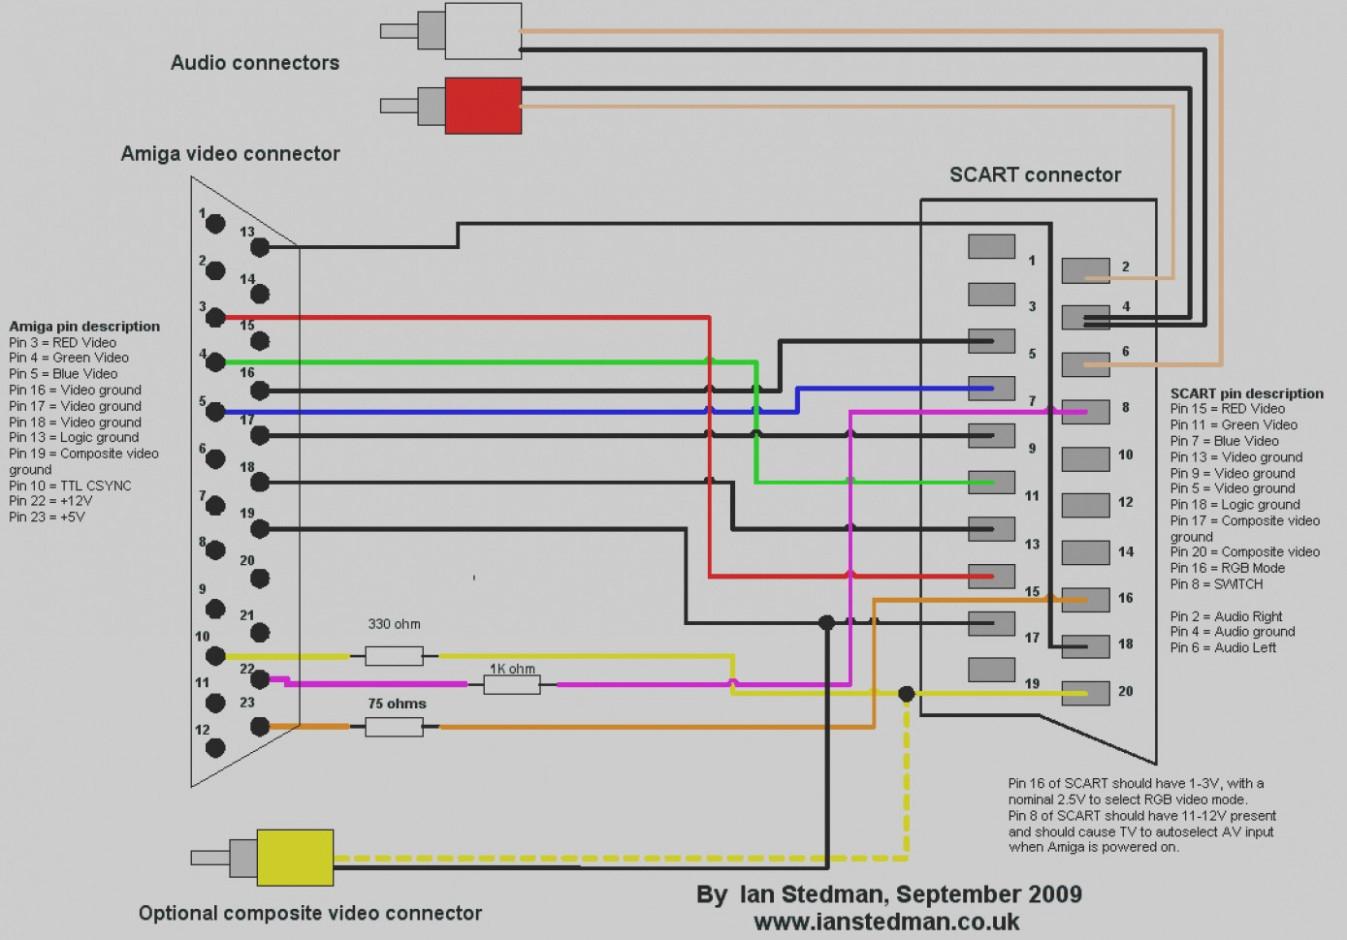 Hdmi Cable Wiring Diagram | Manual E-Books - Hdmi Cable Wiring Diagram